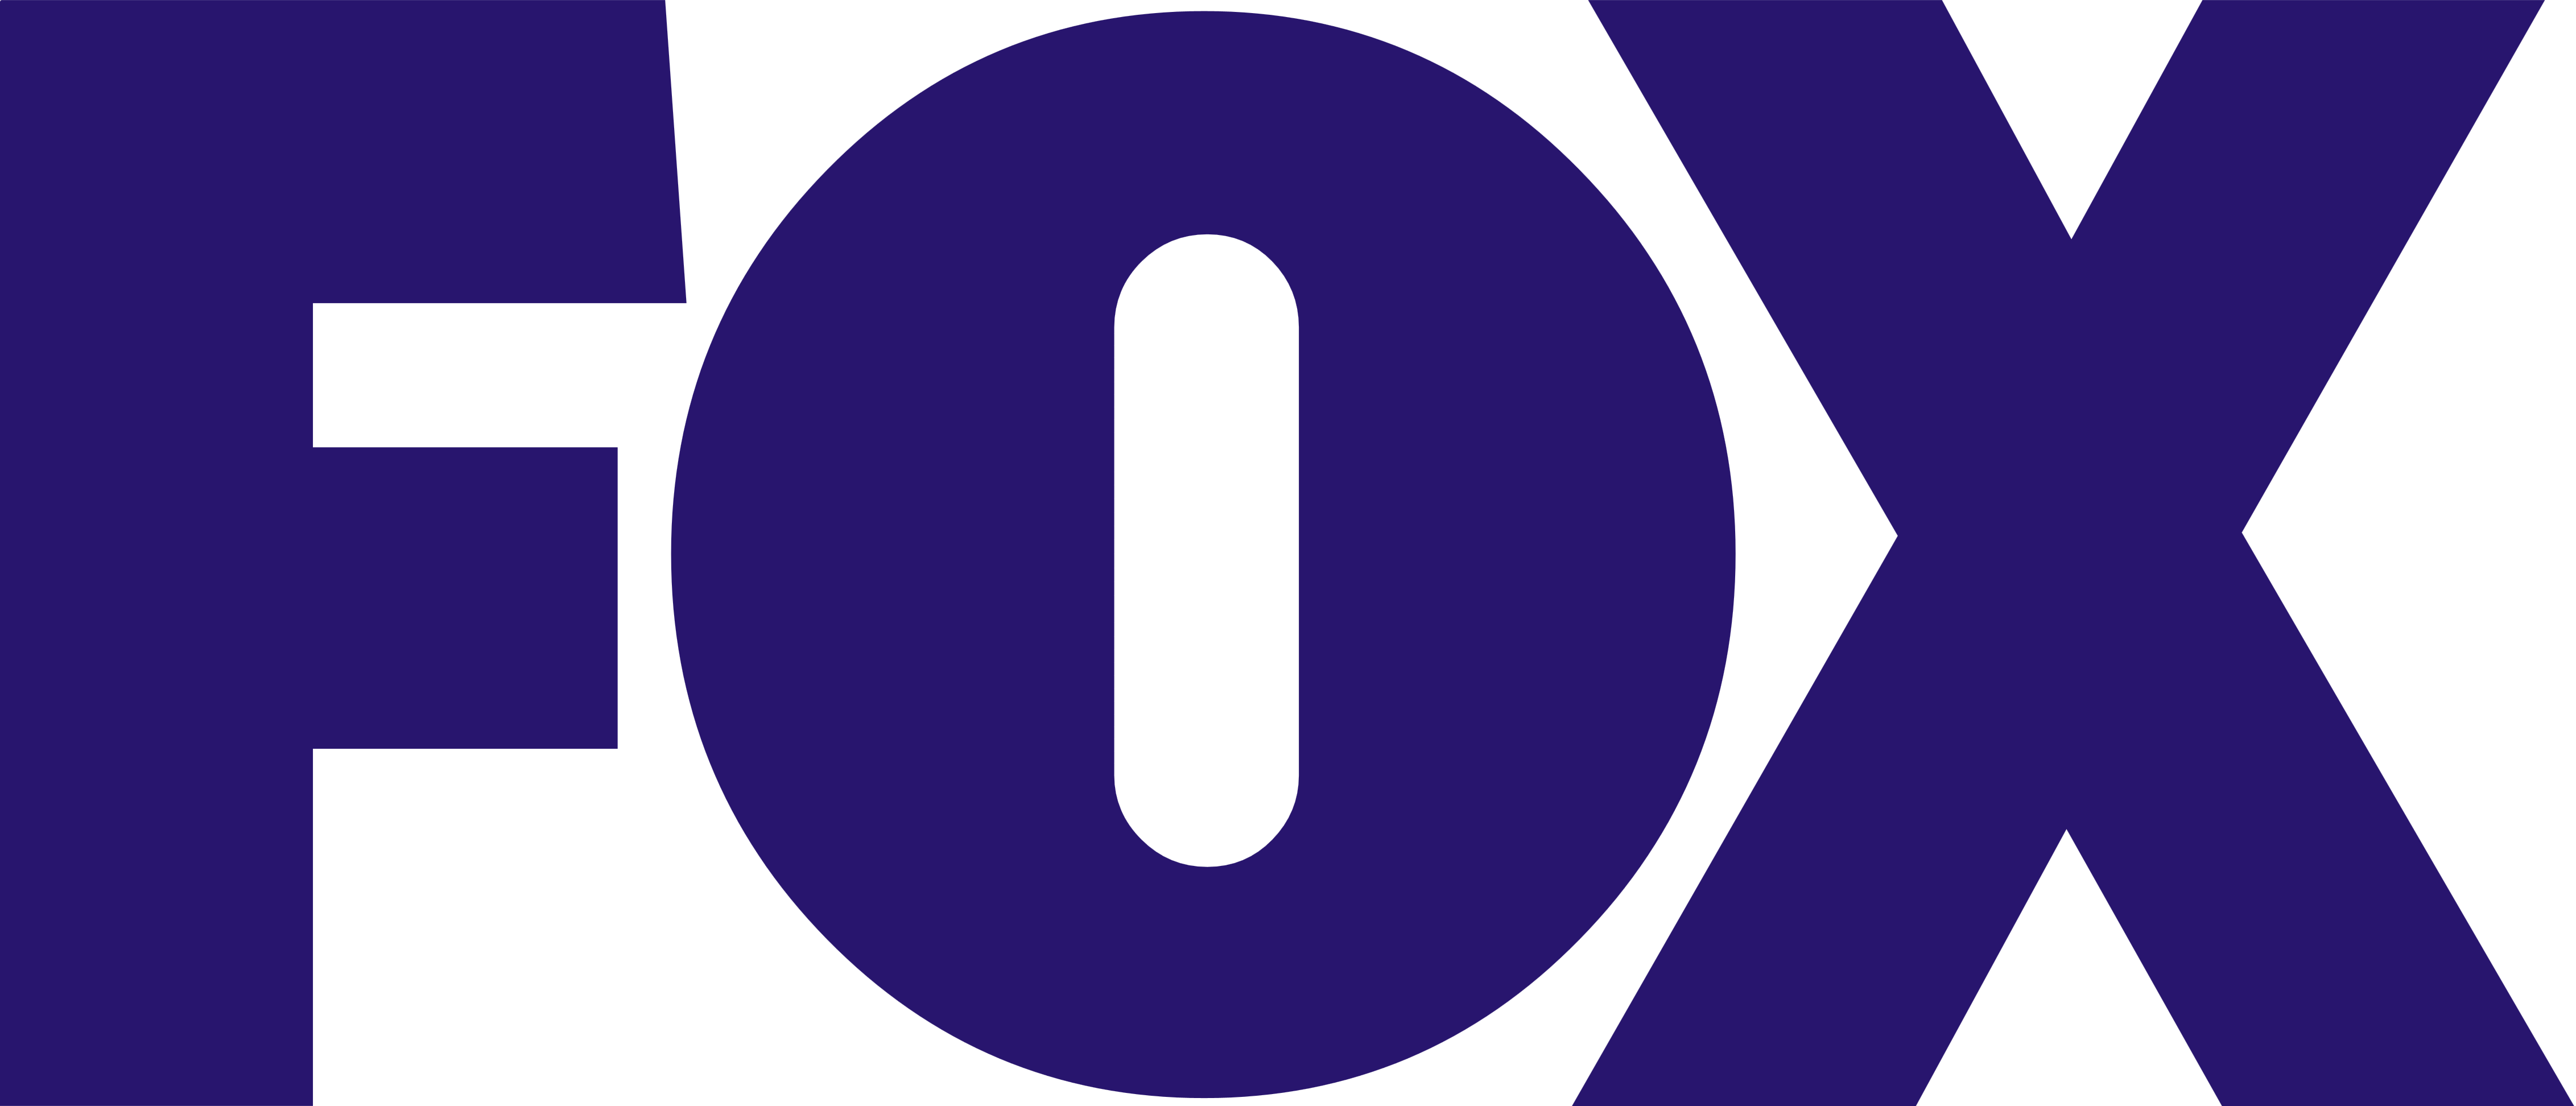 fox logo indigo color broadcasting company png #1638